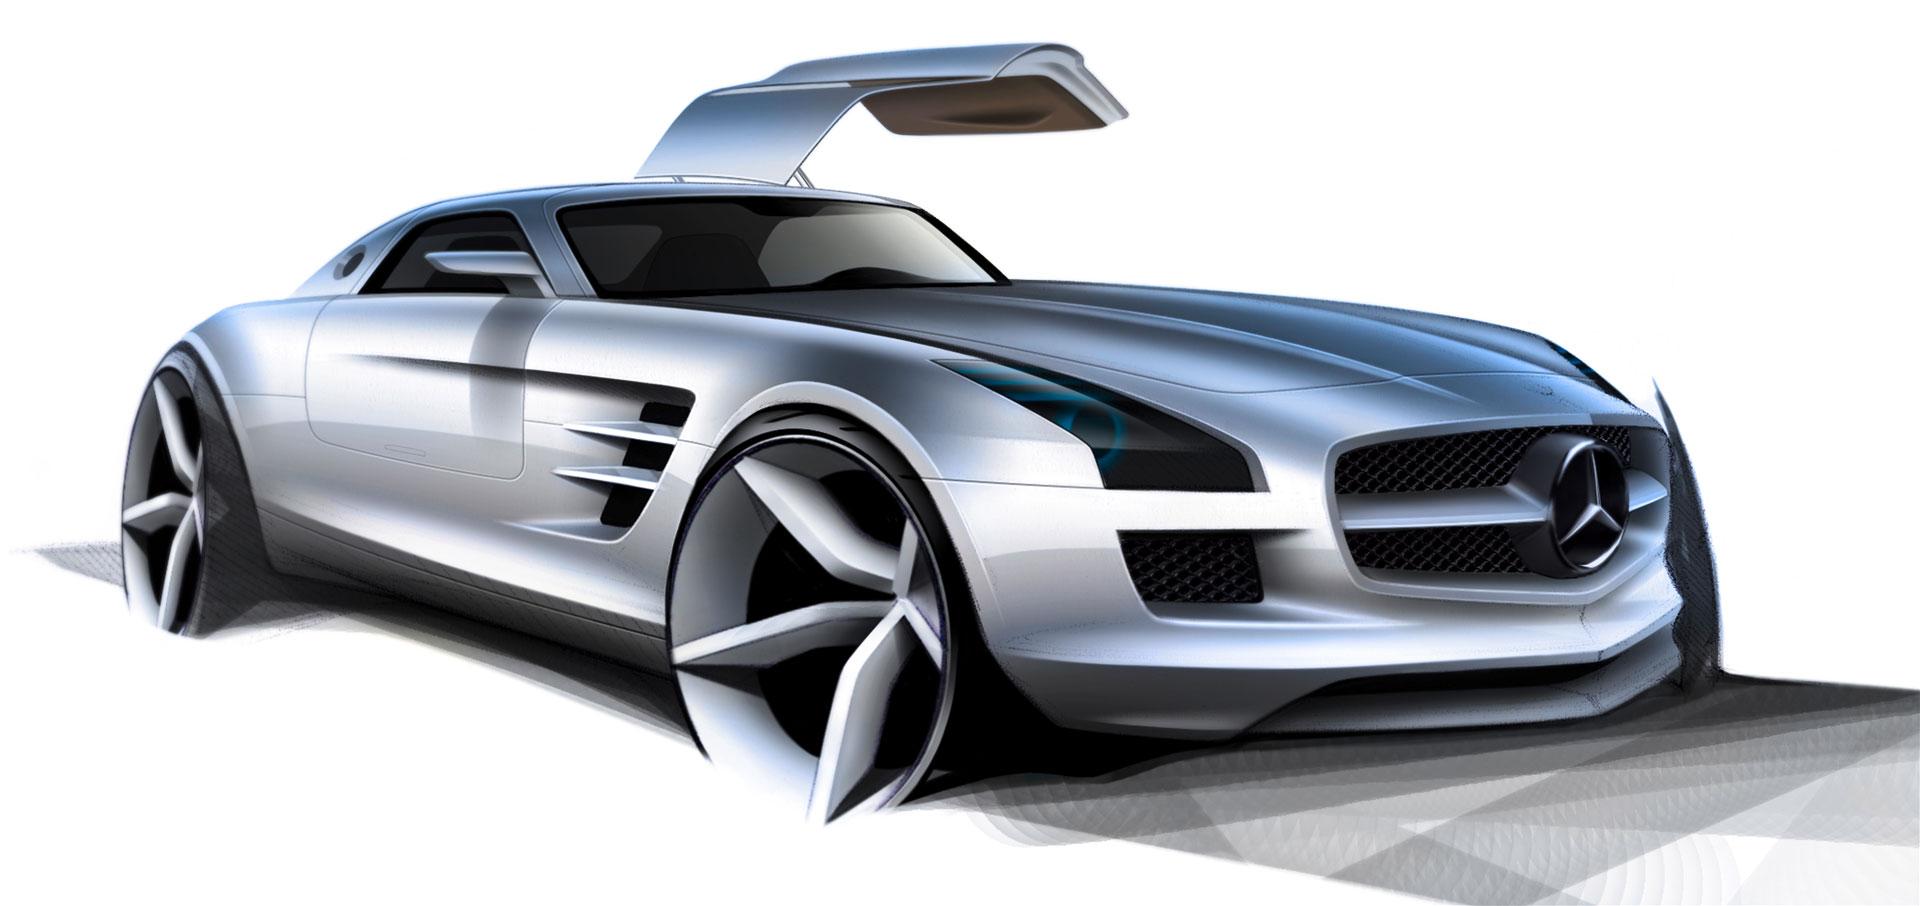 Mercedes benz sls amg design sketch 2 lg dlorto miami for Mercedes benz design your own